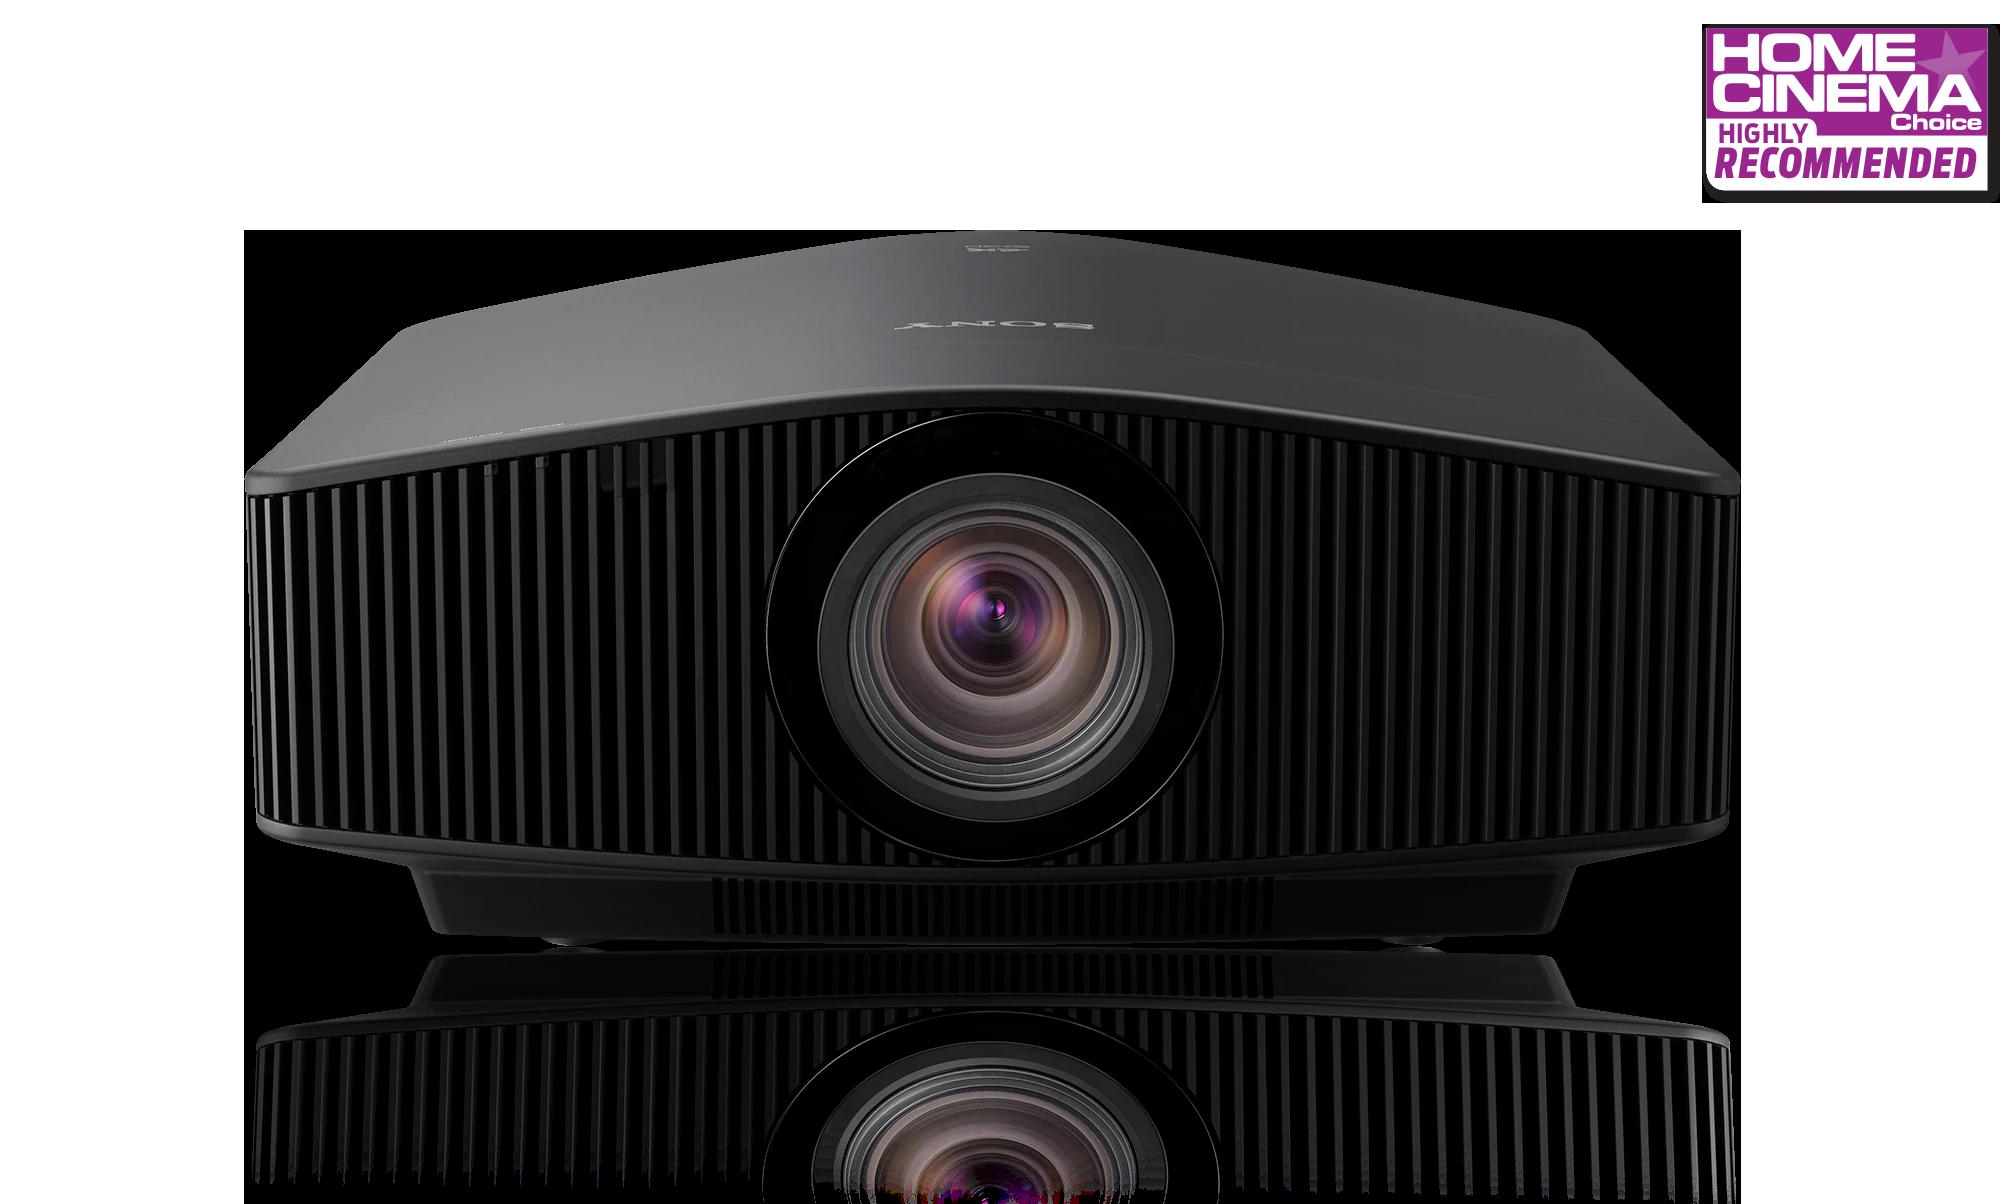 Vista frontale del proiettore Home Cinema VPL-VW870ES